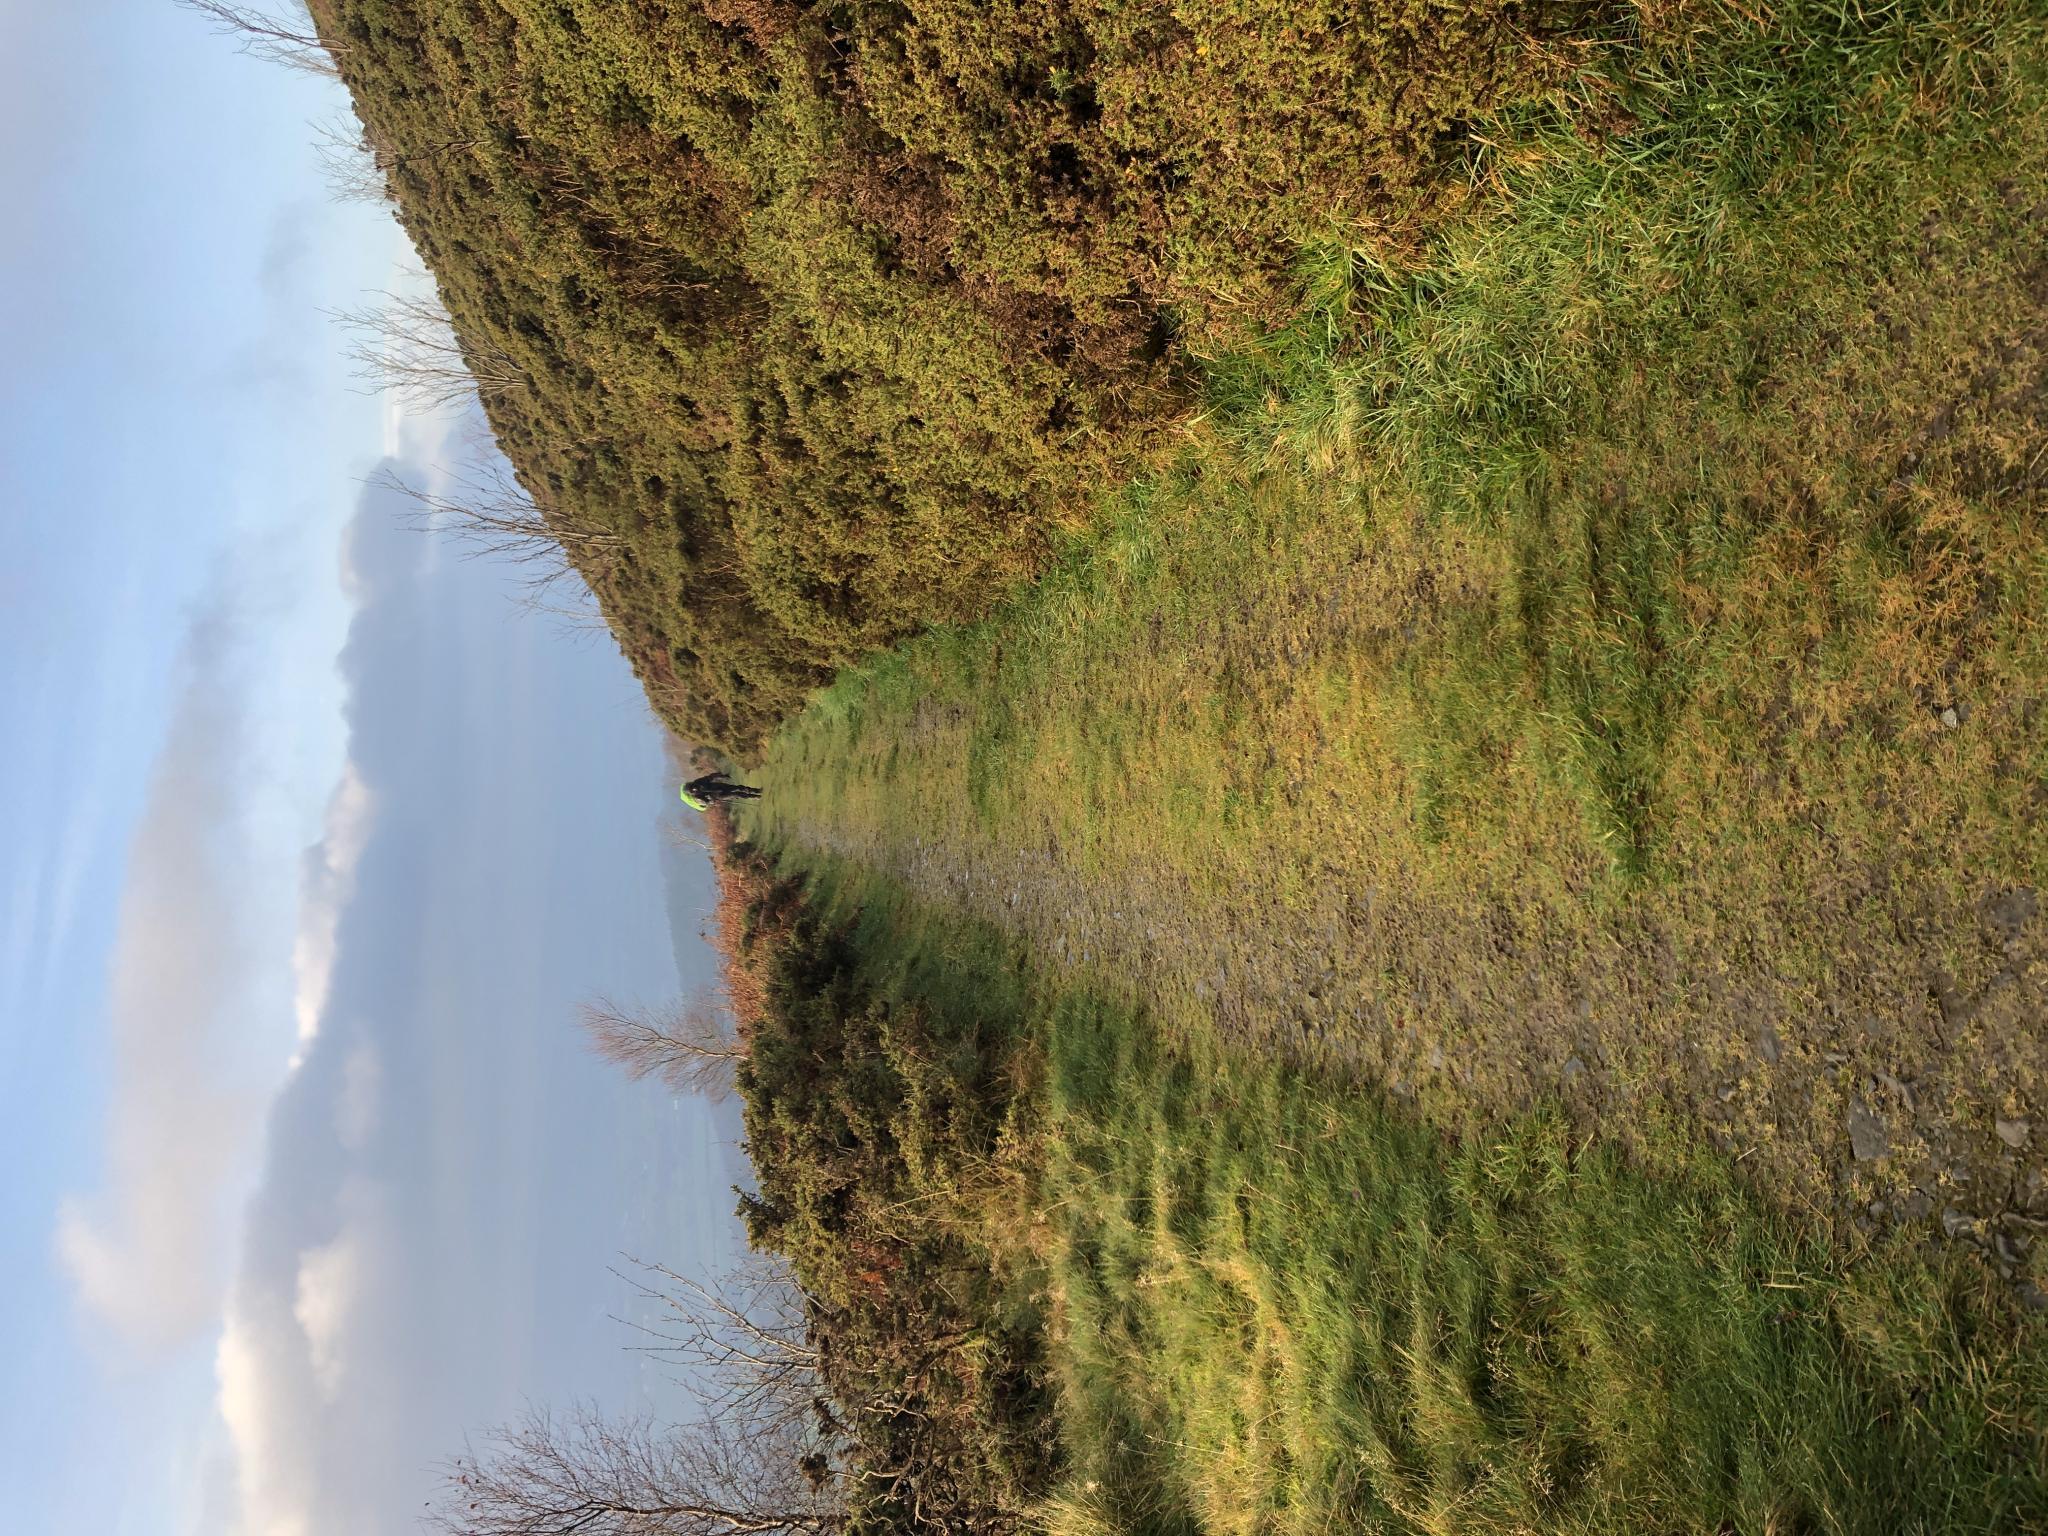 Offas Dyke in December-4ba51ed6-6c52-41b3-a508-33b1603a0715-jpg